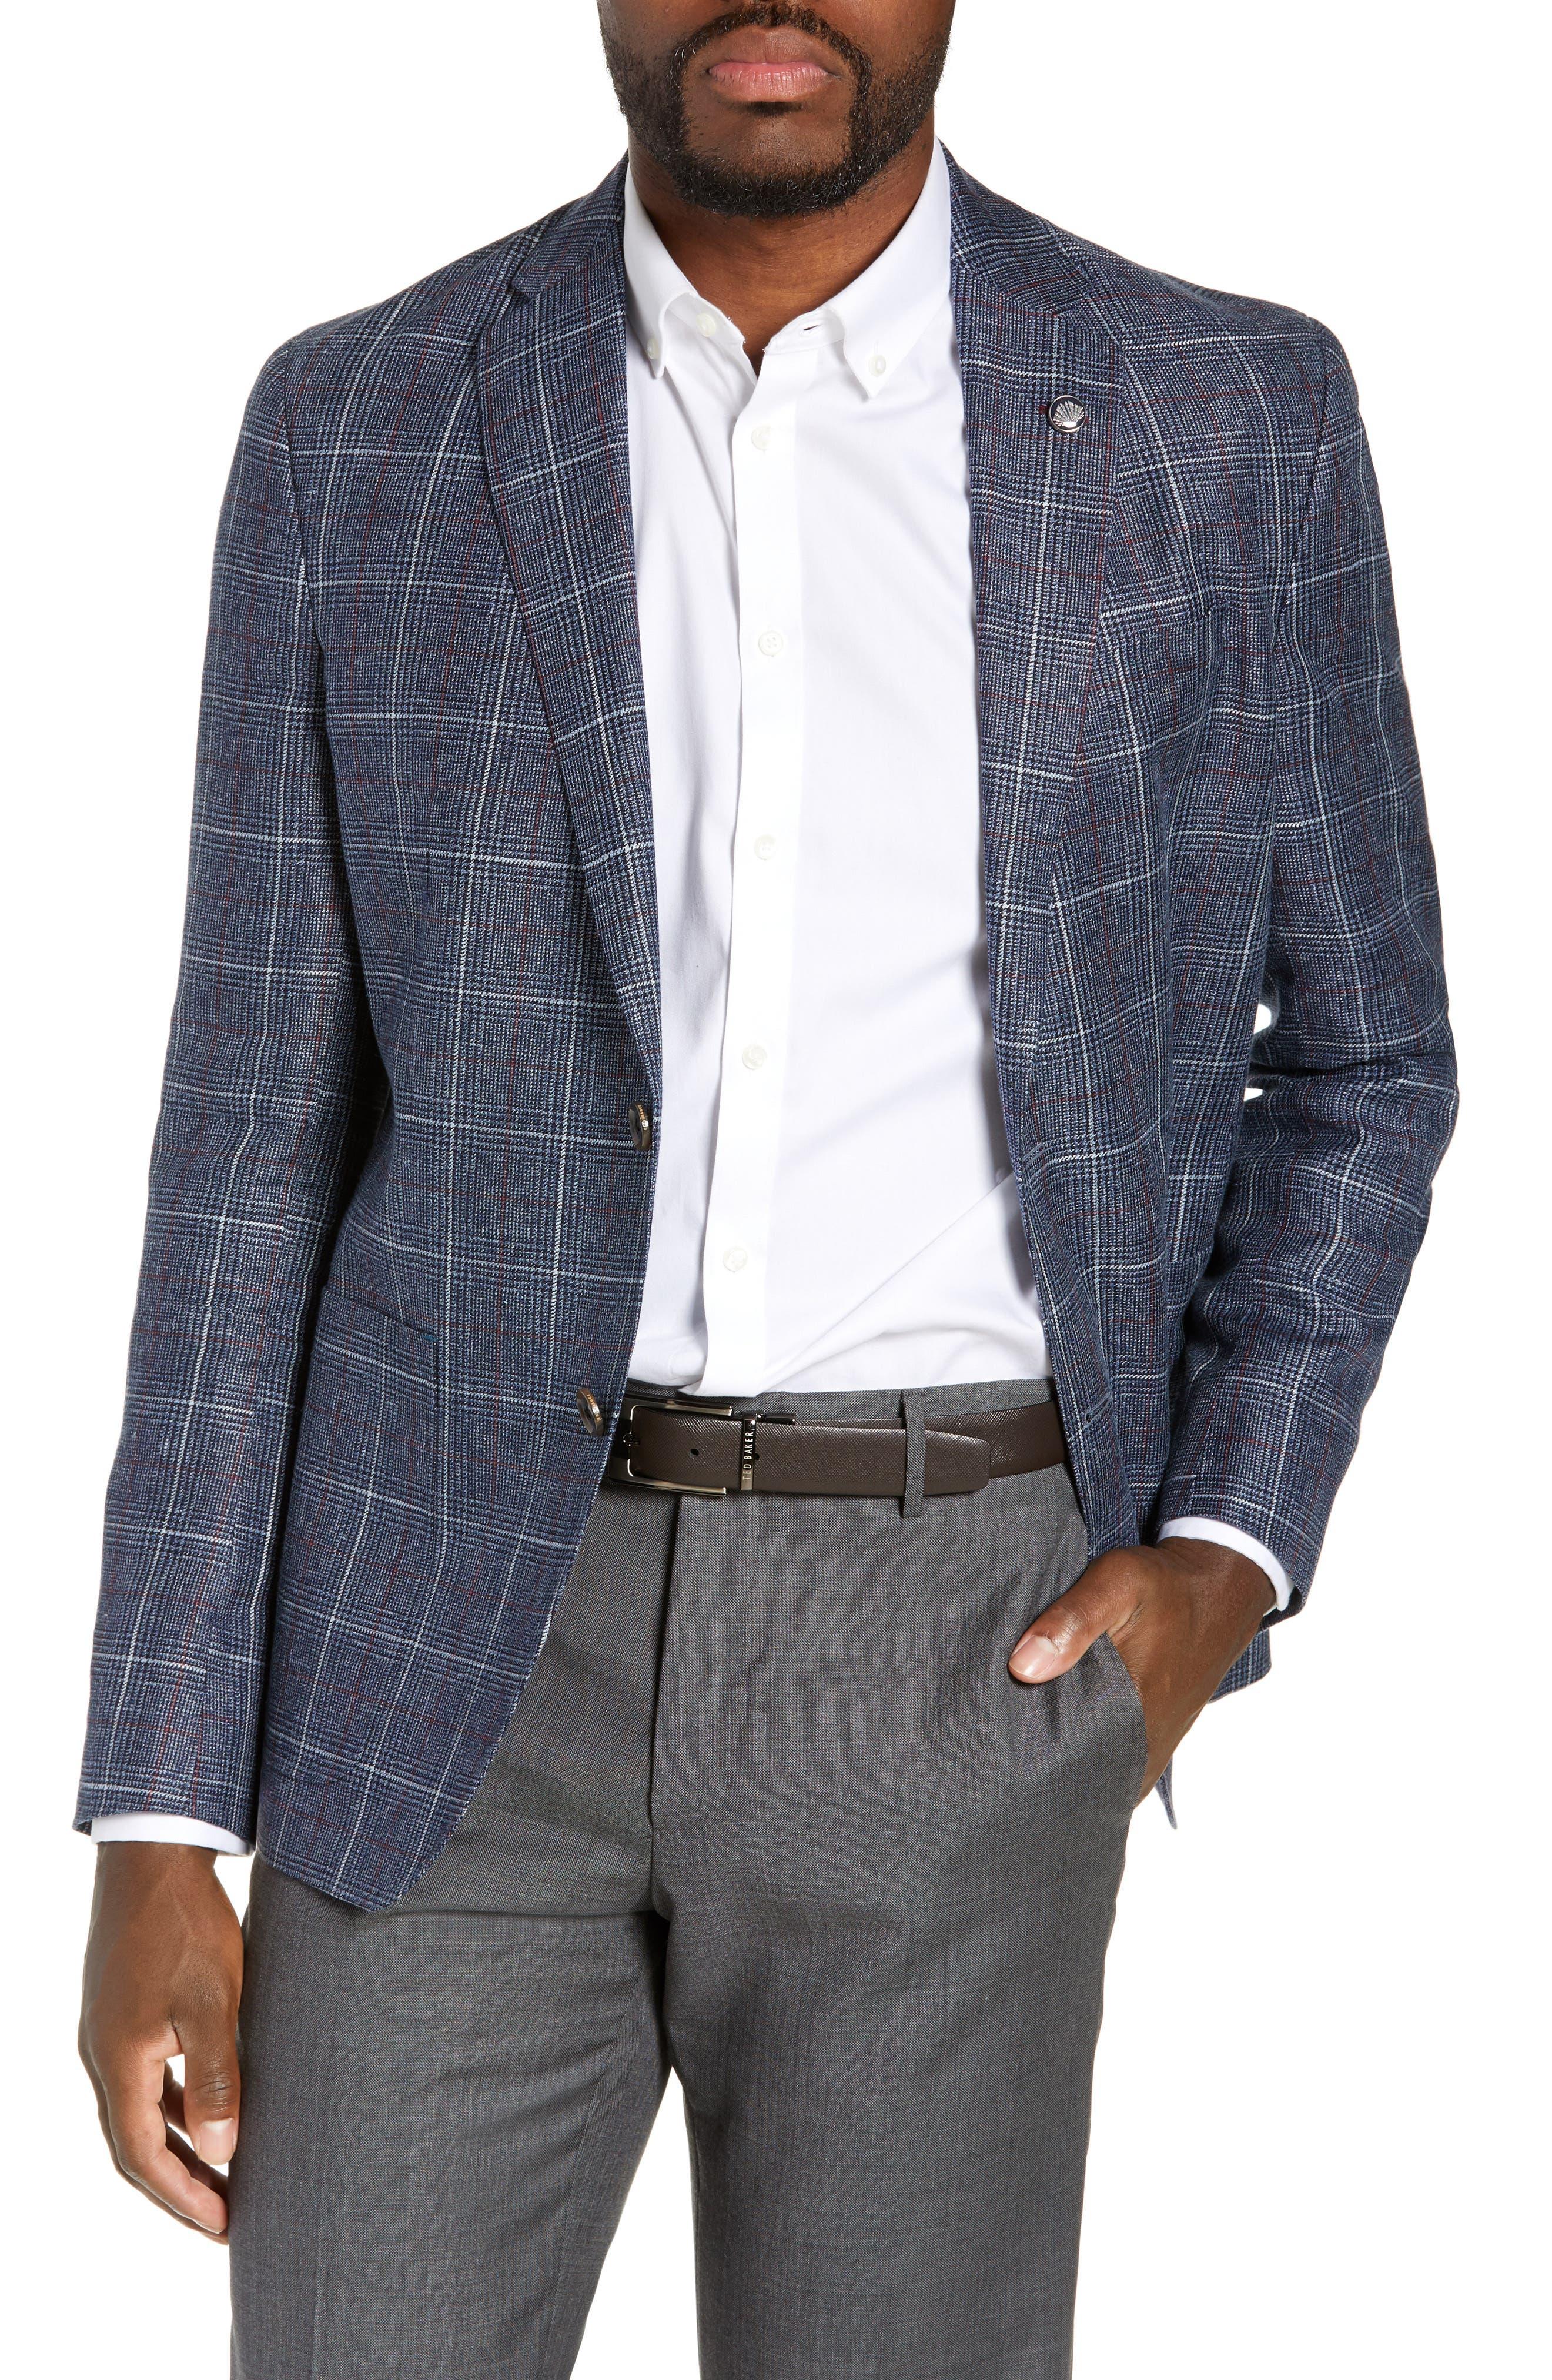 Kyle Trim Fit Plaid Linen Blend Sport Coat, Main, color, BLUE